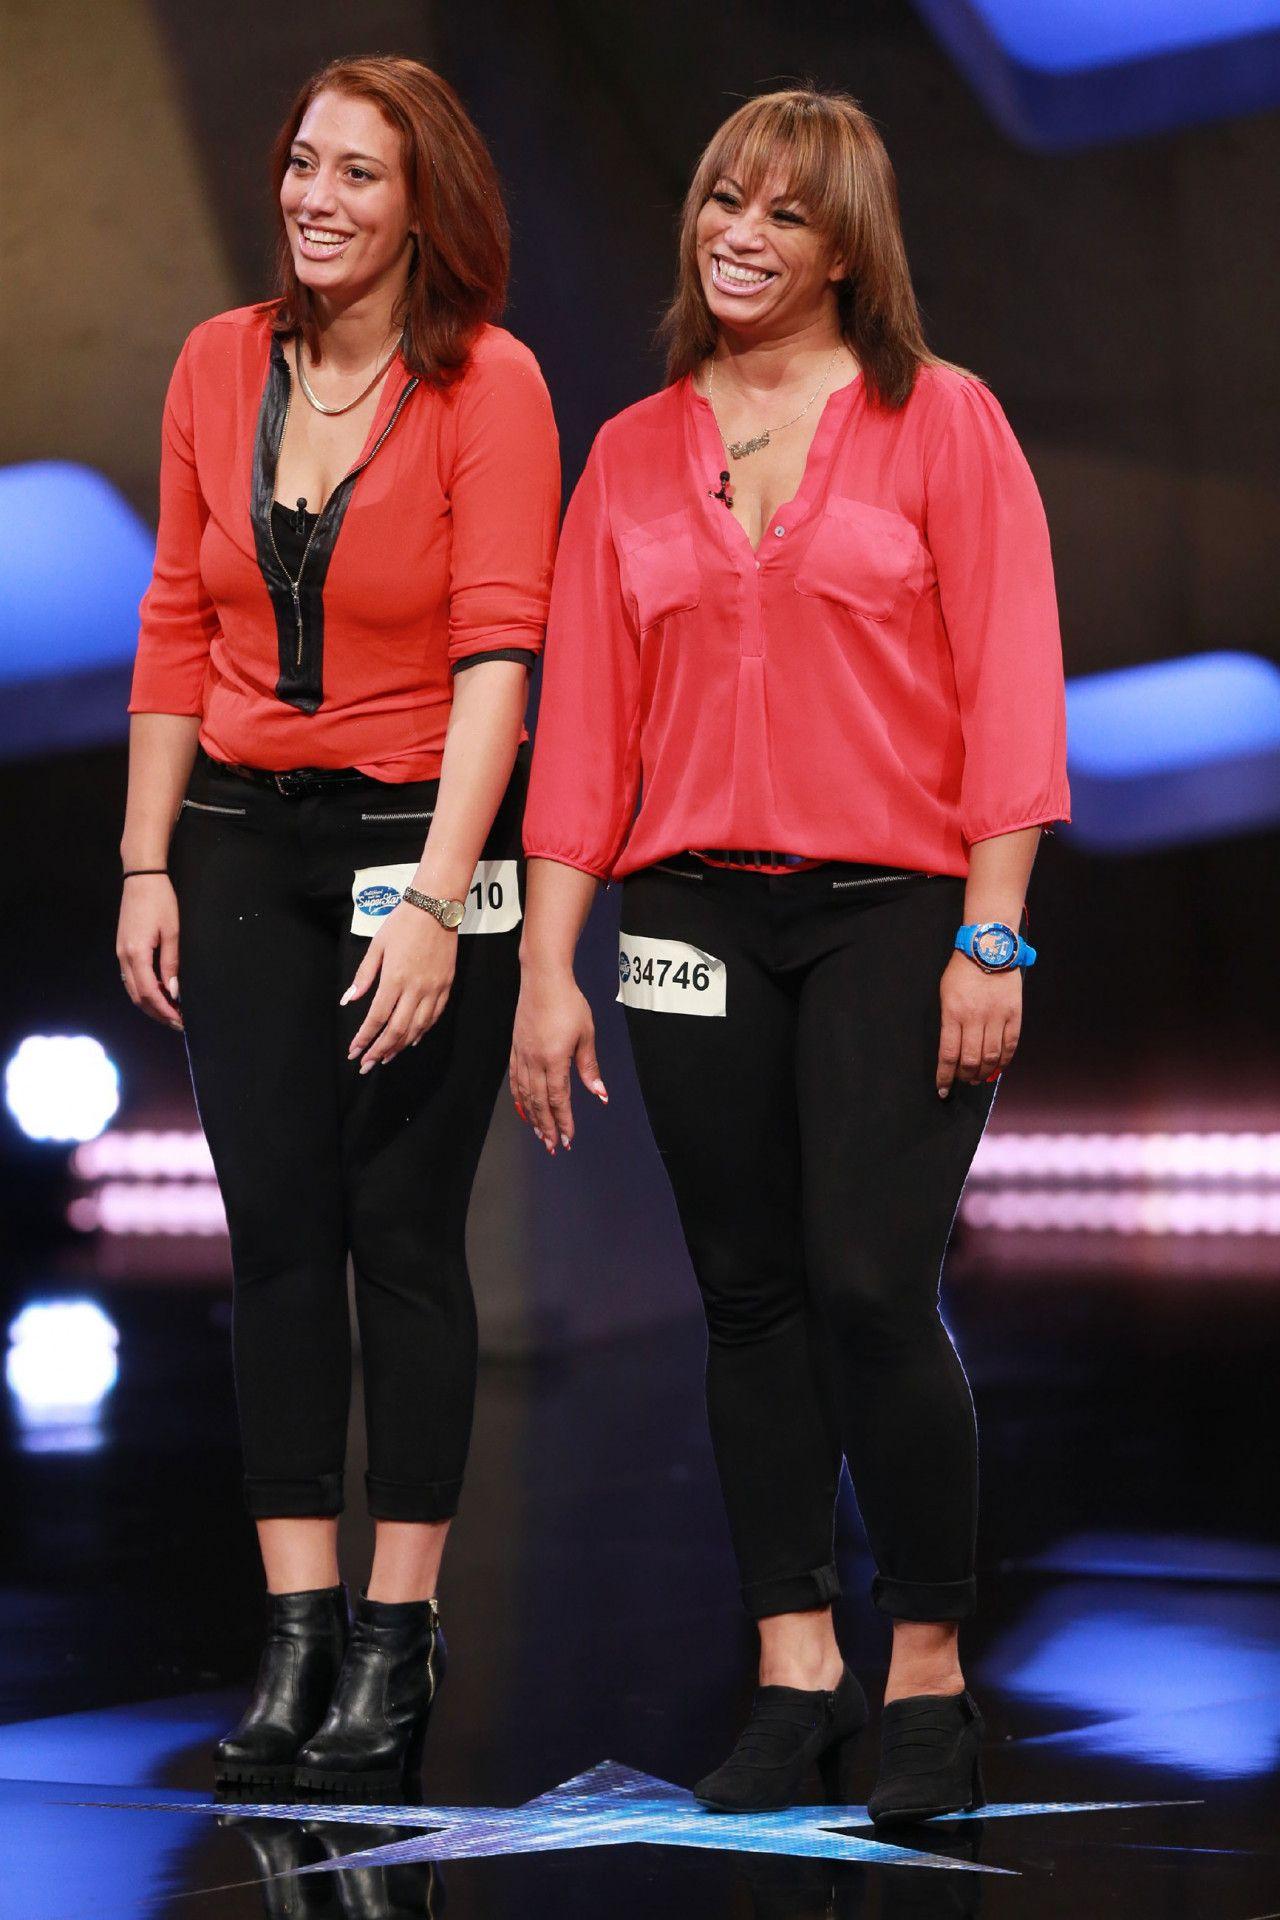 """Jaqueline-Julia Cuenca Lopez und Tanika Michelle Cuenca Lopez  sind Mutter und Tochter. Jaqueline-Julia singt """"Valerie"""" von Amy Winehouse, Tanika Michelle singt """"Ain't Nobody"""" von Chaka Khan."""